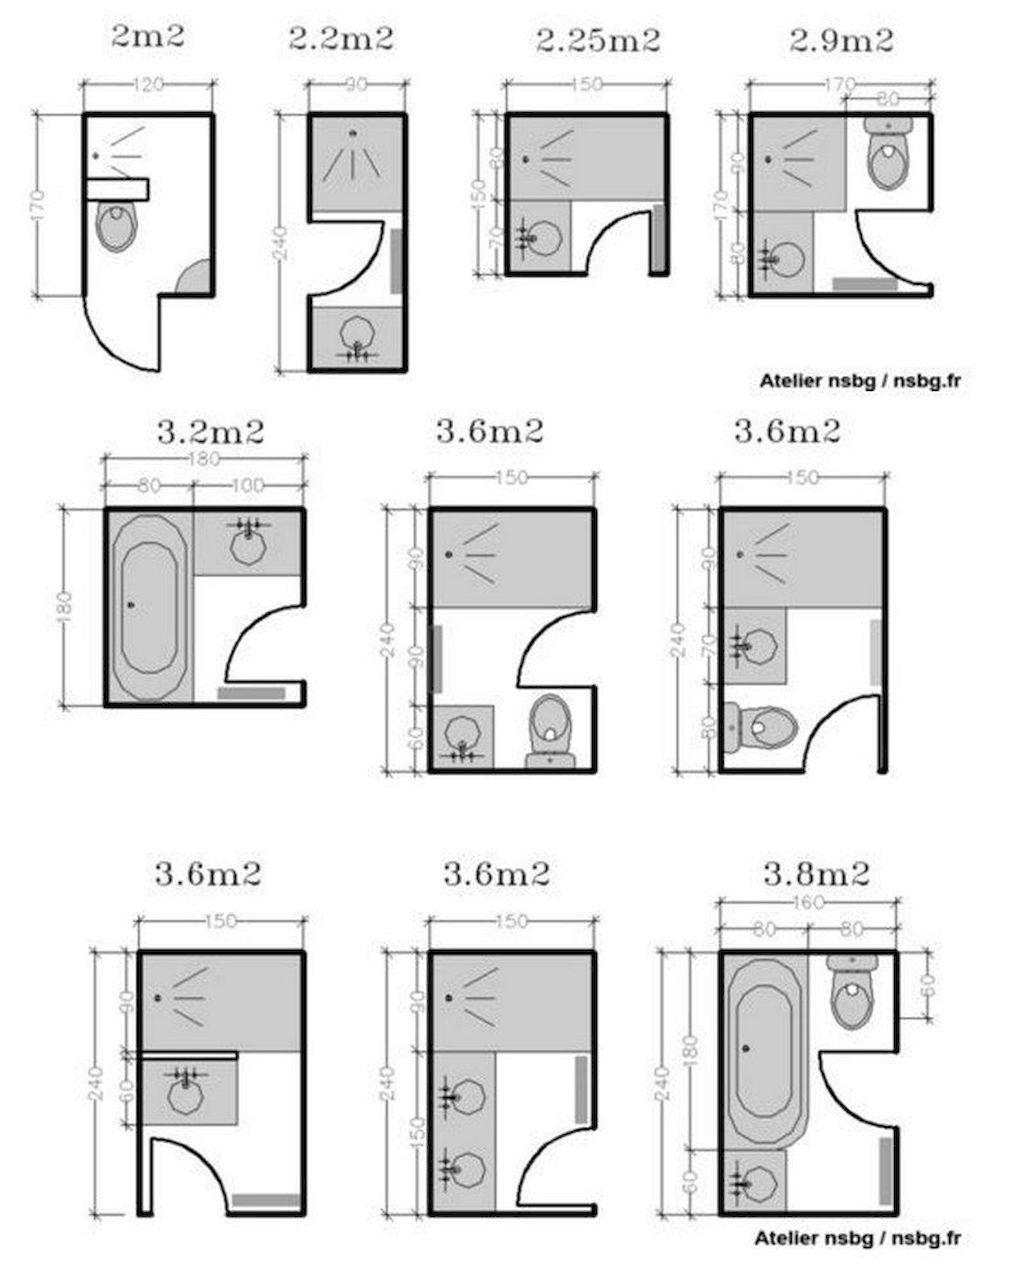 Small Bathroom Design Ideas Apartment Therapy Home Design Ide Kamar Mandi Ide Dekorasi Rumah Kamar Mandi Bawah